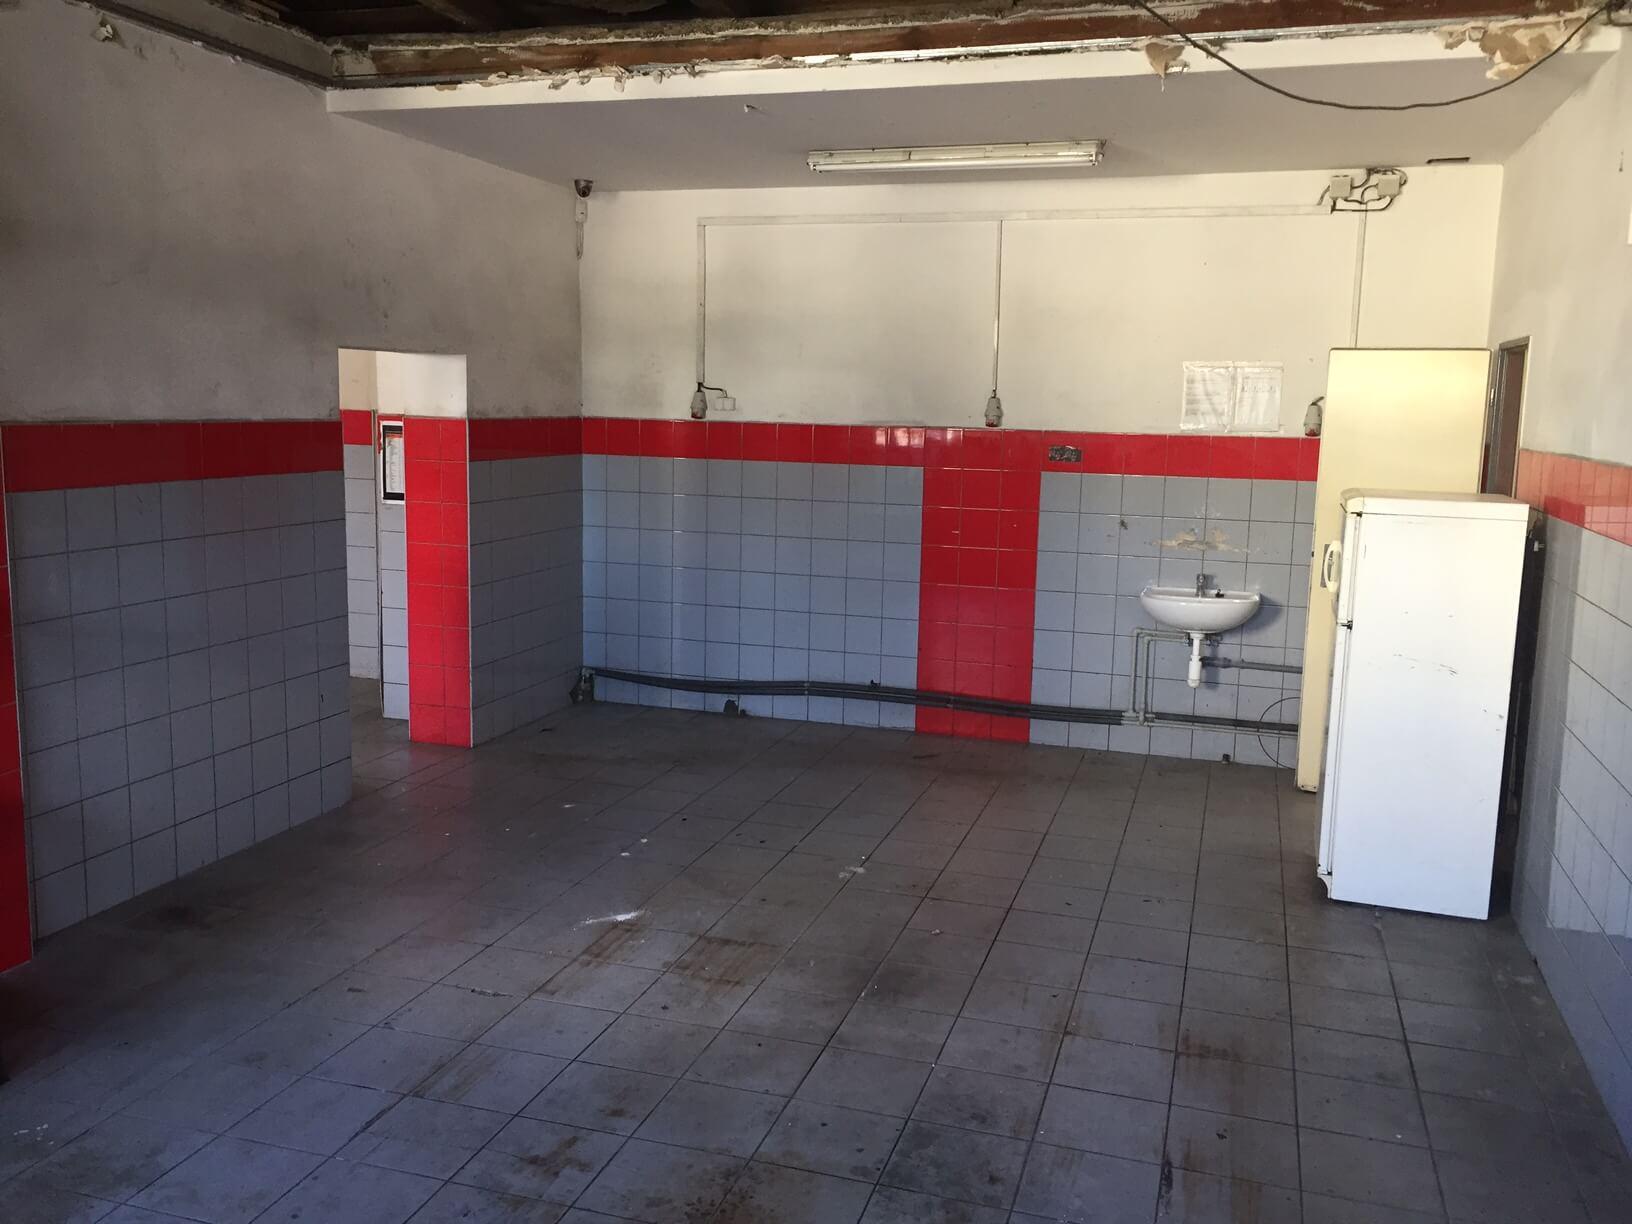 Predané: Predaj obchodného priestoru, najlepšie pre Autoservis, Pezinok, Ulica Mýtna/Šenkvická cesta. 240 m2-26